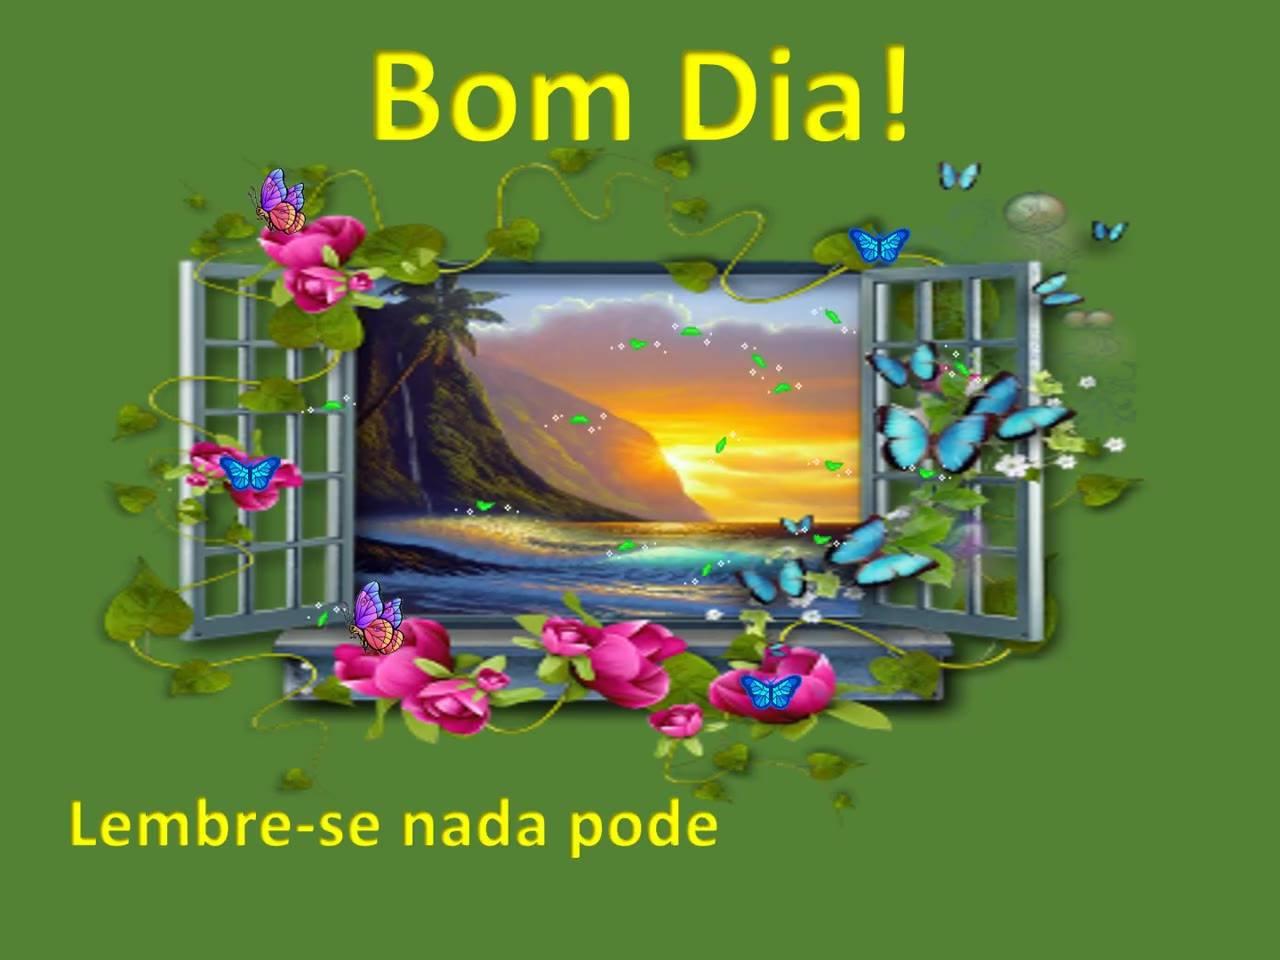 Uma bela mensagem de Bom Dia! Lembre-se Deus esta sempre com você!!! fc71878dc0